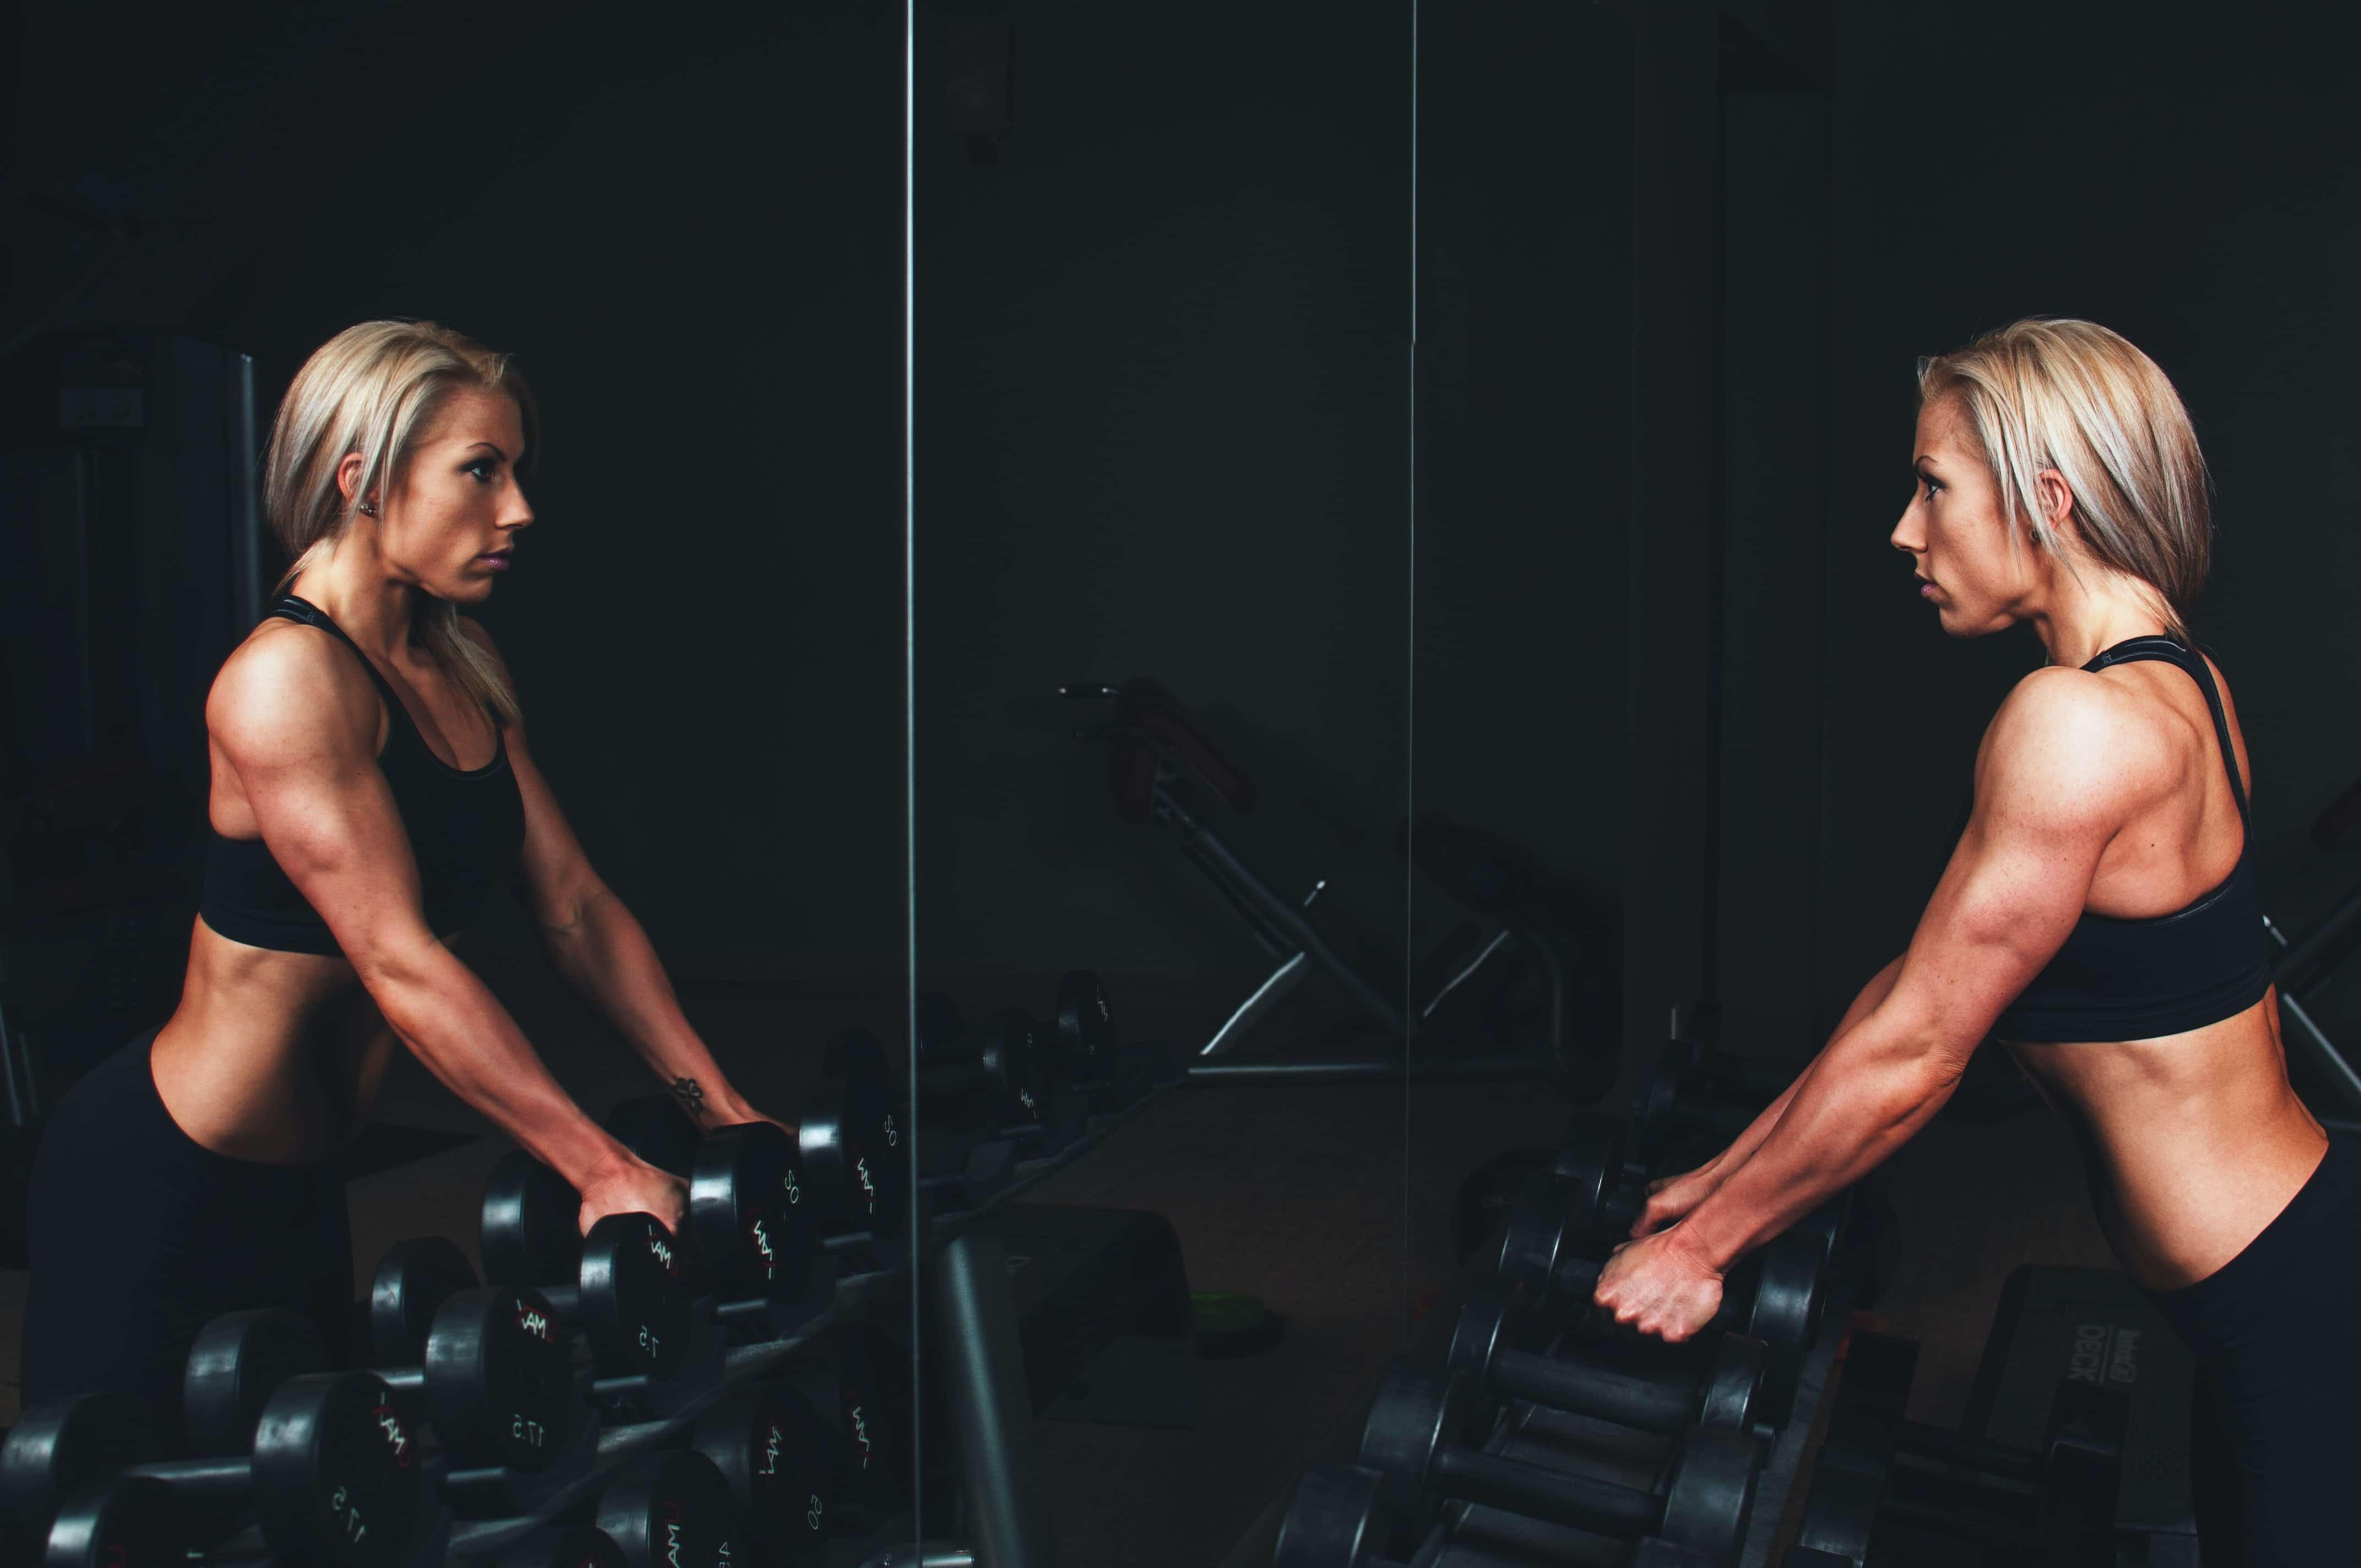 Músculos y cuerpo humano